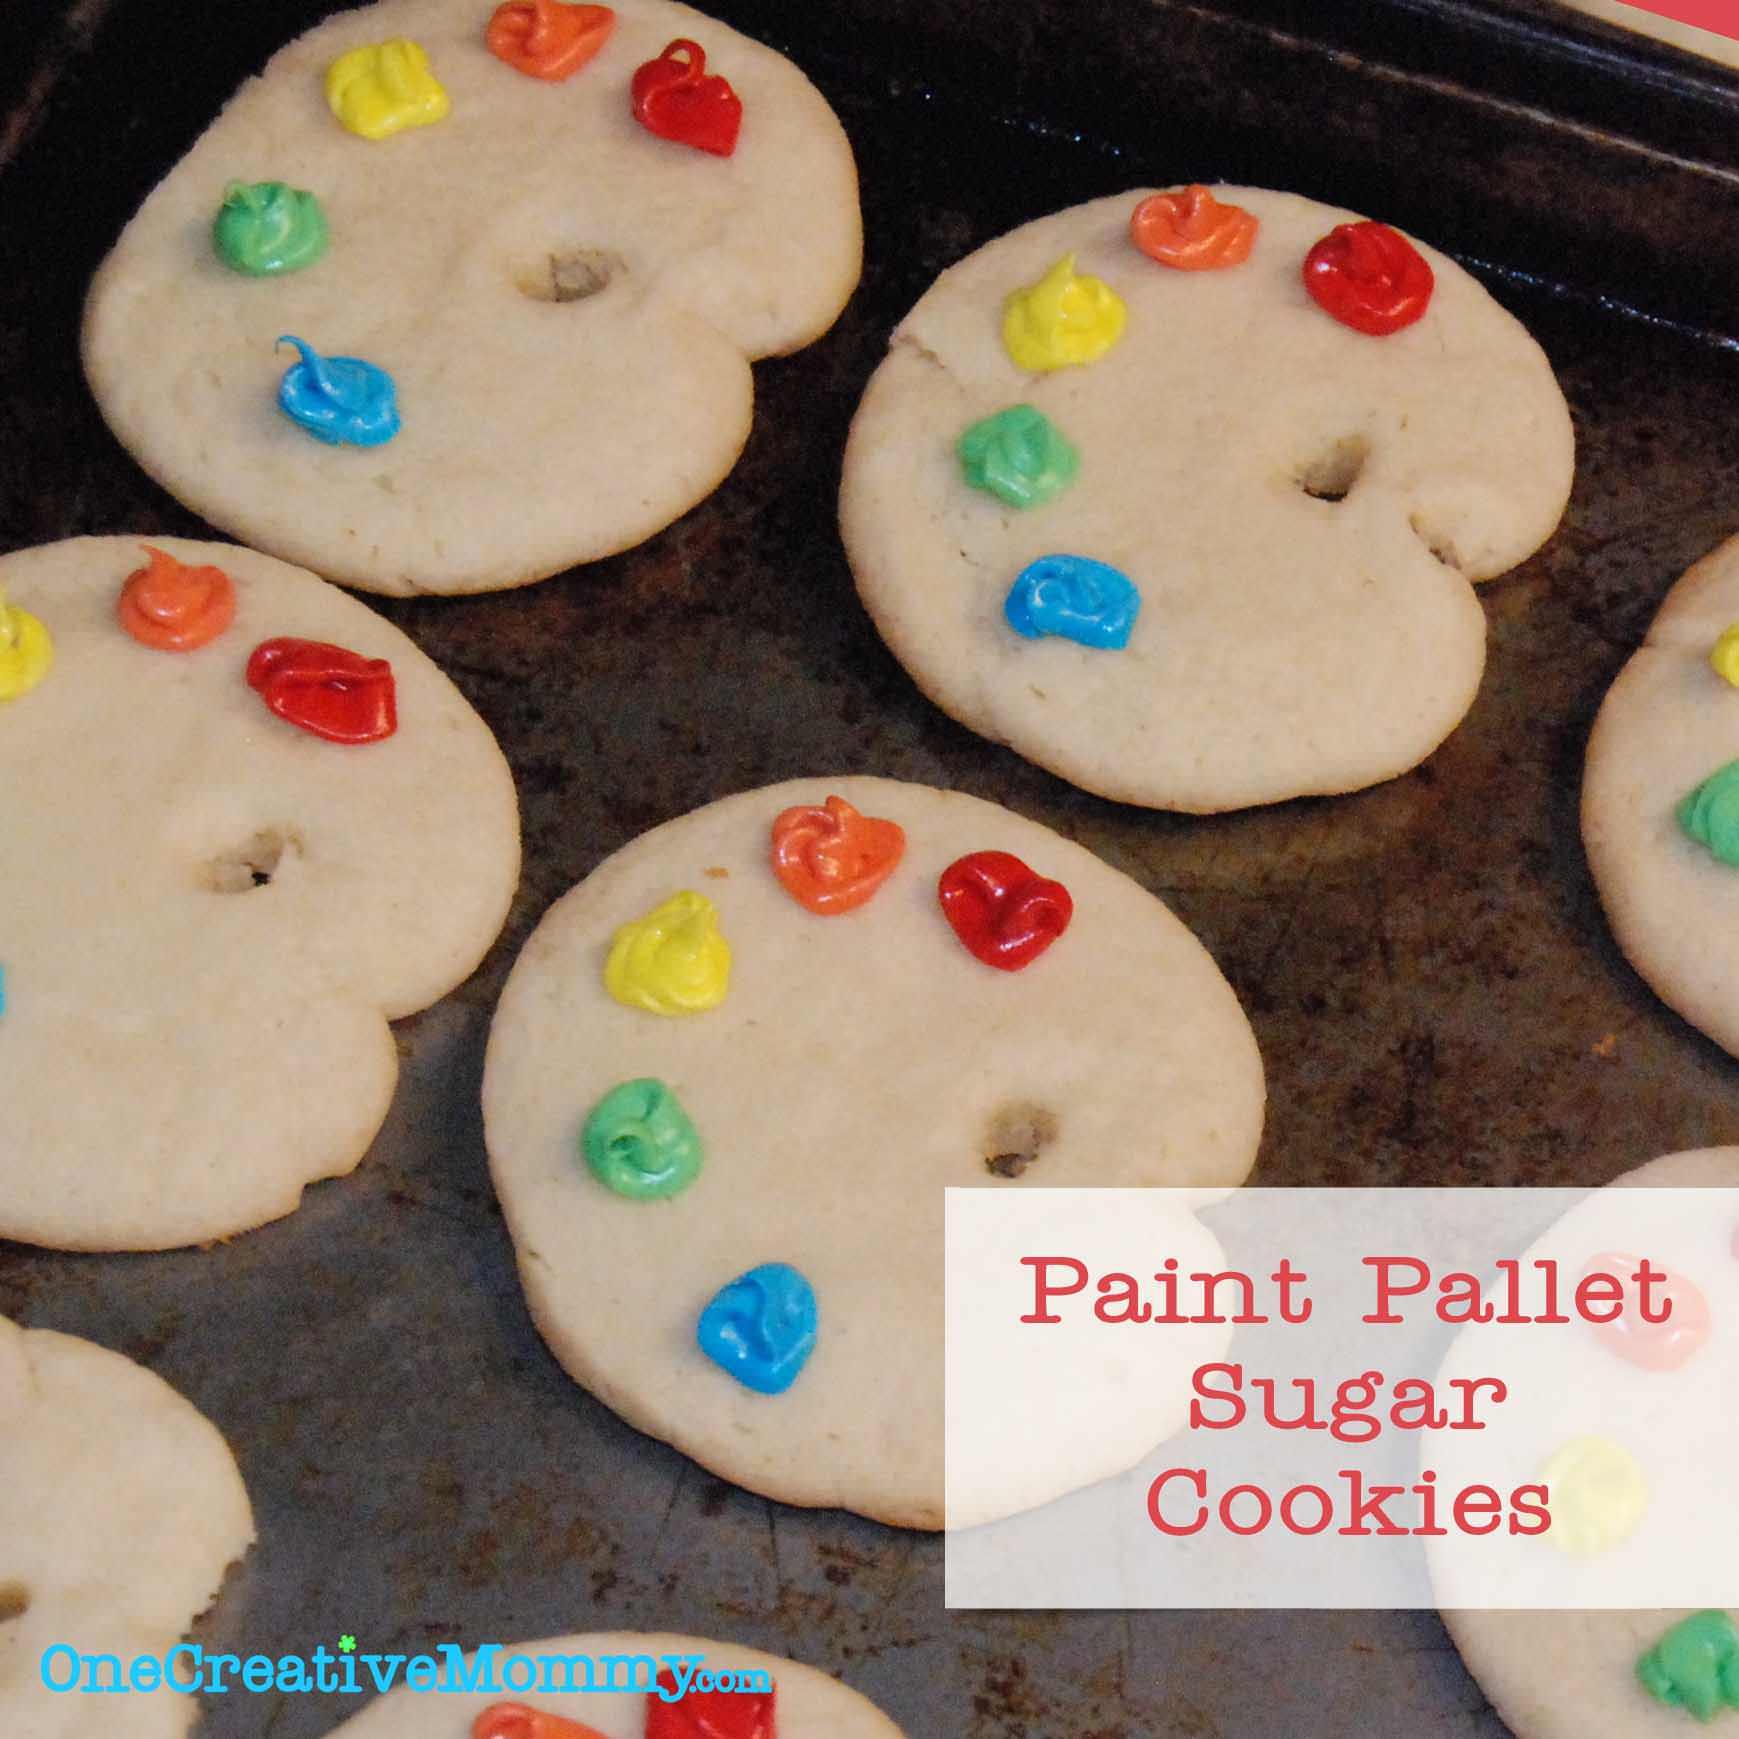 Paint Pallet Sugar Cookies Tutorial